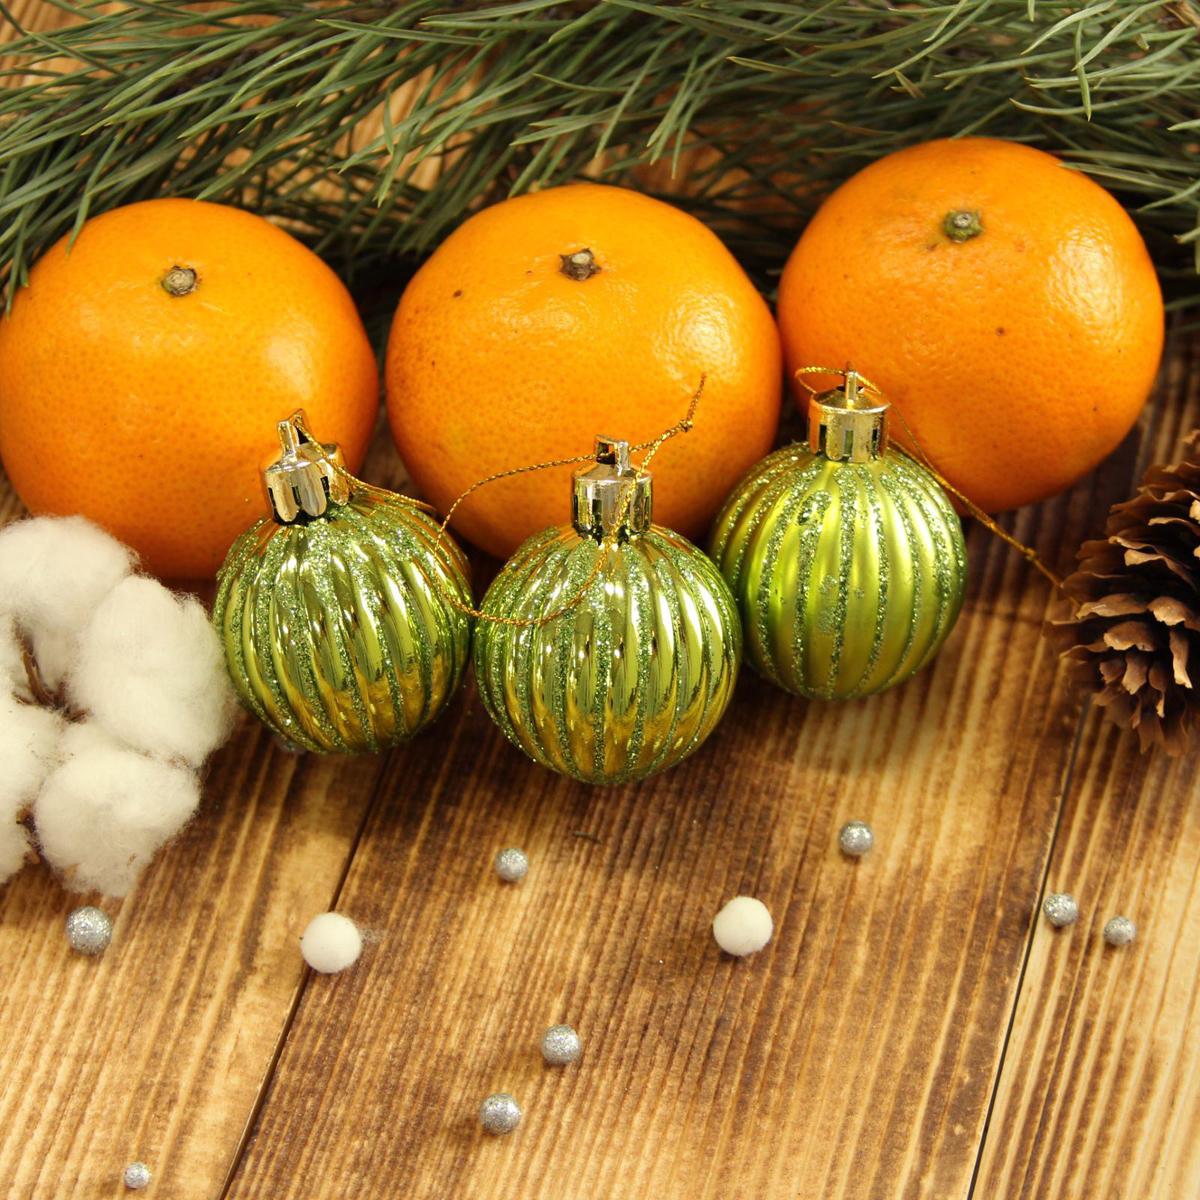 Набор новогодних подвесных украшений Sima-land Мелкие полоски, цвет: зеленый, диаметр 4 см, 9 шт2122990Набор новогодних подвесных украшений Sima-land отлично подойдет для декорации вашего дома и новогодней ели. С помощью специальной петельки украшение можно повесить в любом понравившемся вам месте. Но, конечно, удачнее всего оно будет смотреться на праздничной елке. Елочная игрушка - символ Нового года. Она несет в себе волшебство и красоту праздника. Создайте в своем доме атмосферу веселья и радости, украшая новогоднюю елку нарядными игрушками, которые будут из года в год накапливать теплоту воспоминаний.